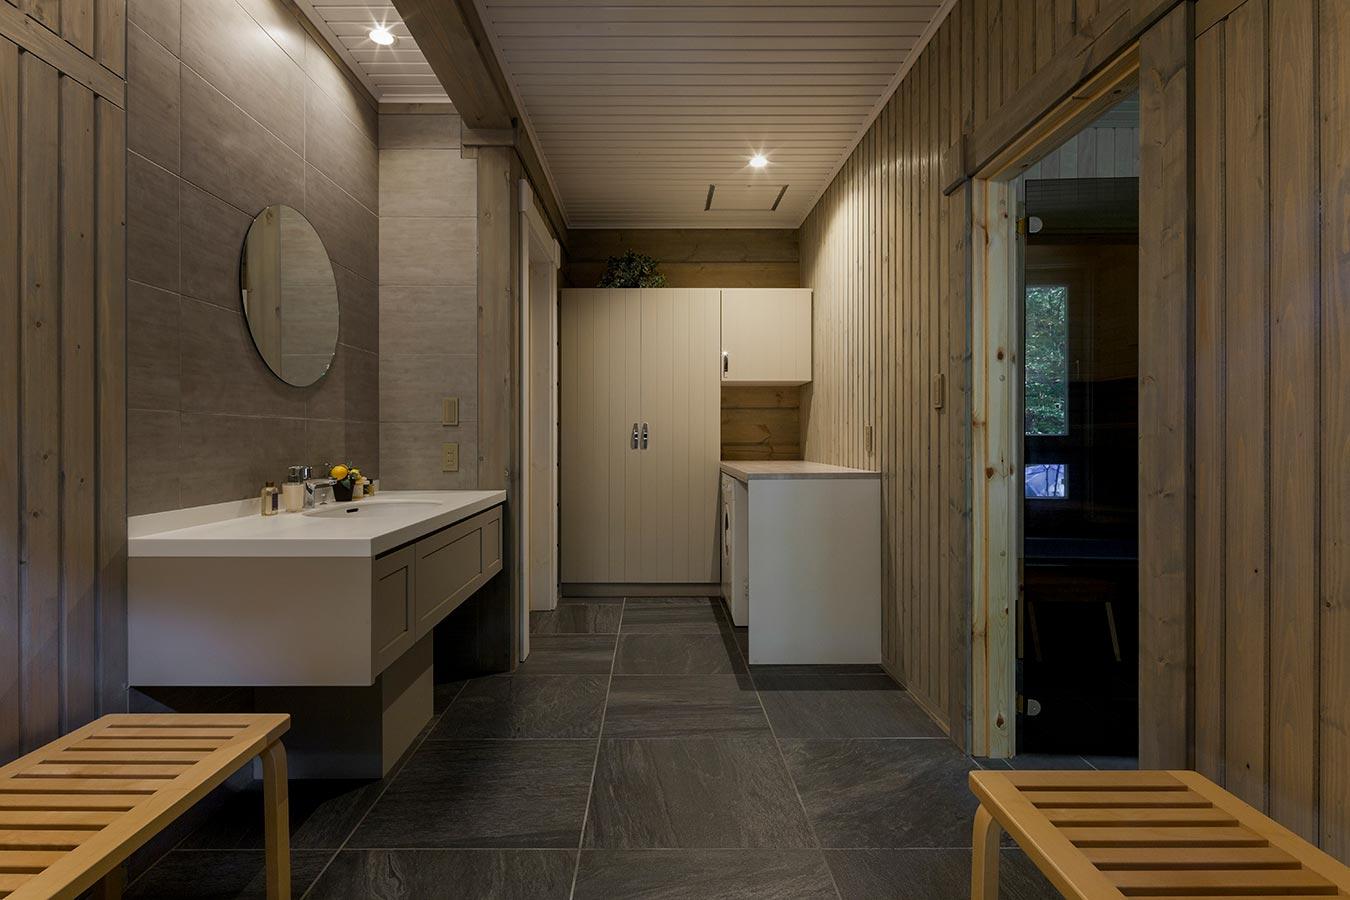 サウナの休憩スペースとしても利用できるレストルーム。広いスペースには収納も充実しています。